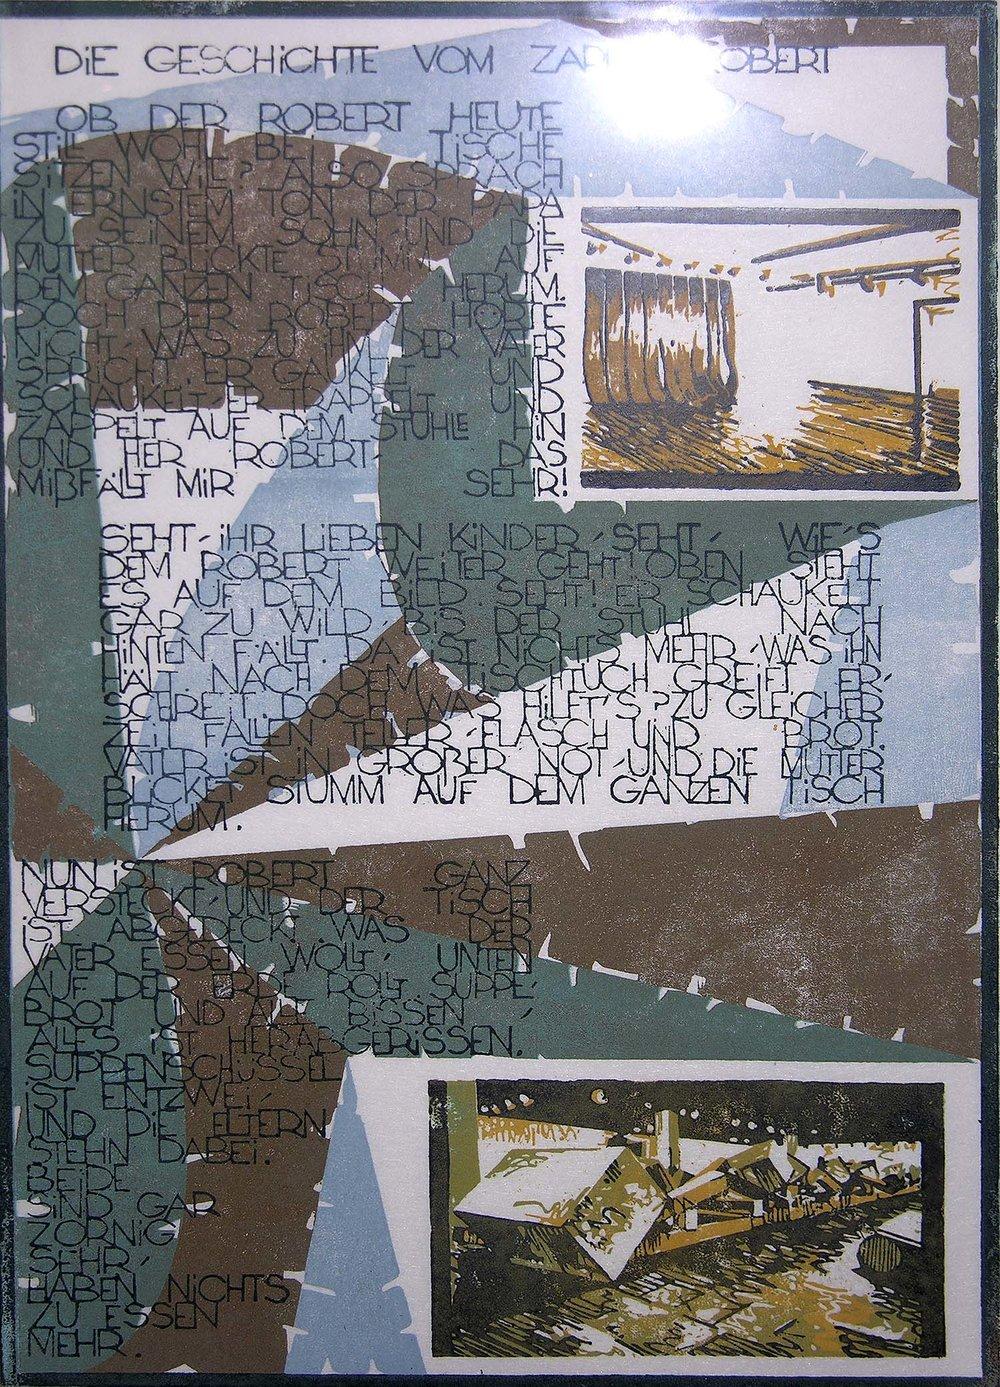 Die Geschichte vom Zappel-Robert | 1994 | farbiger Linolschnitt auf Papier | 50 x 35 cm